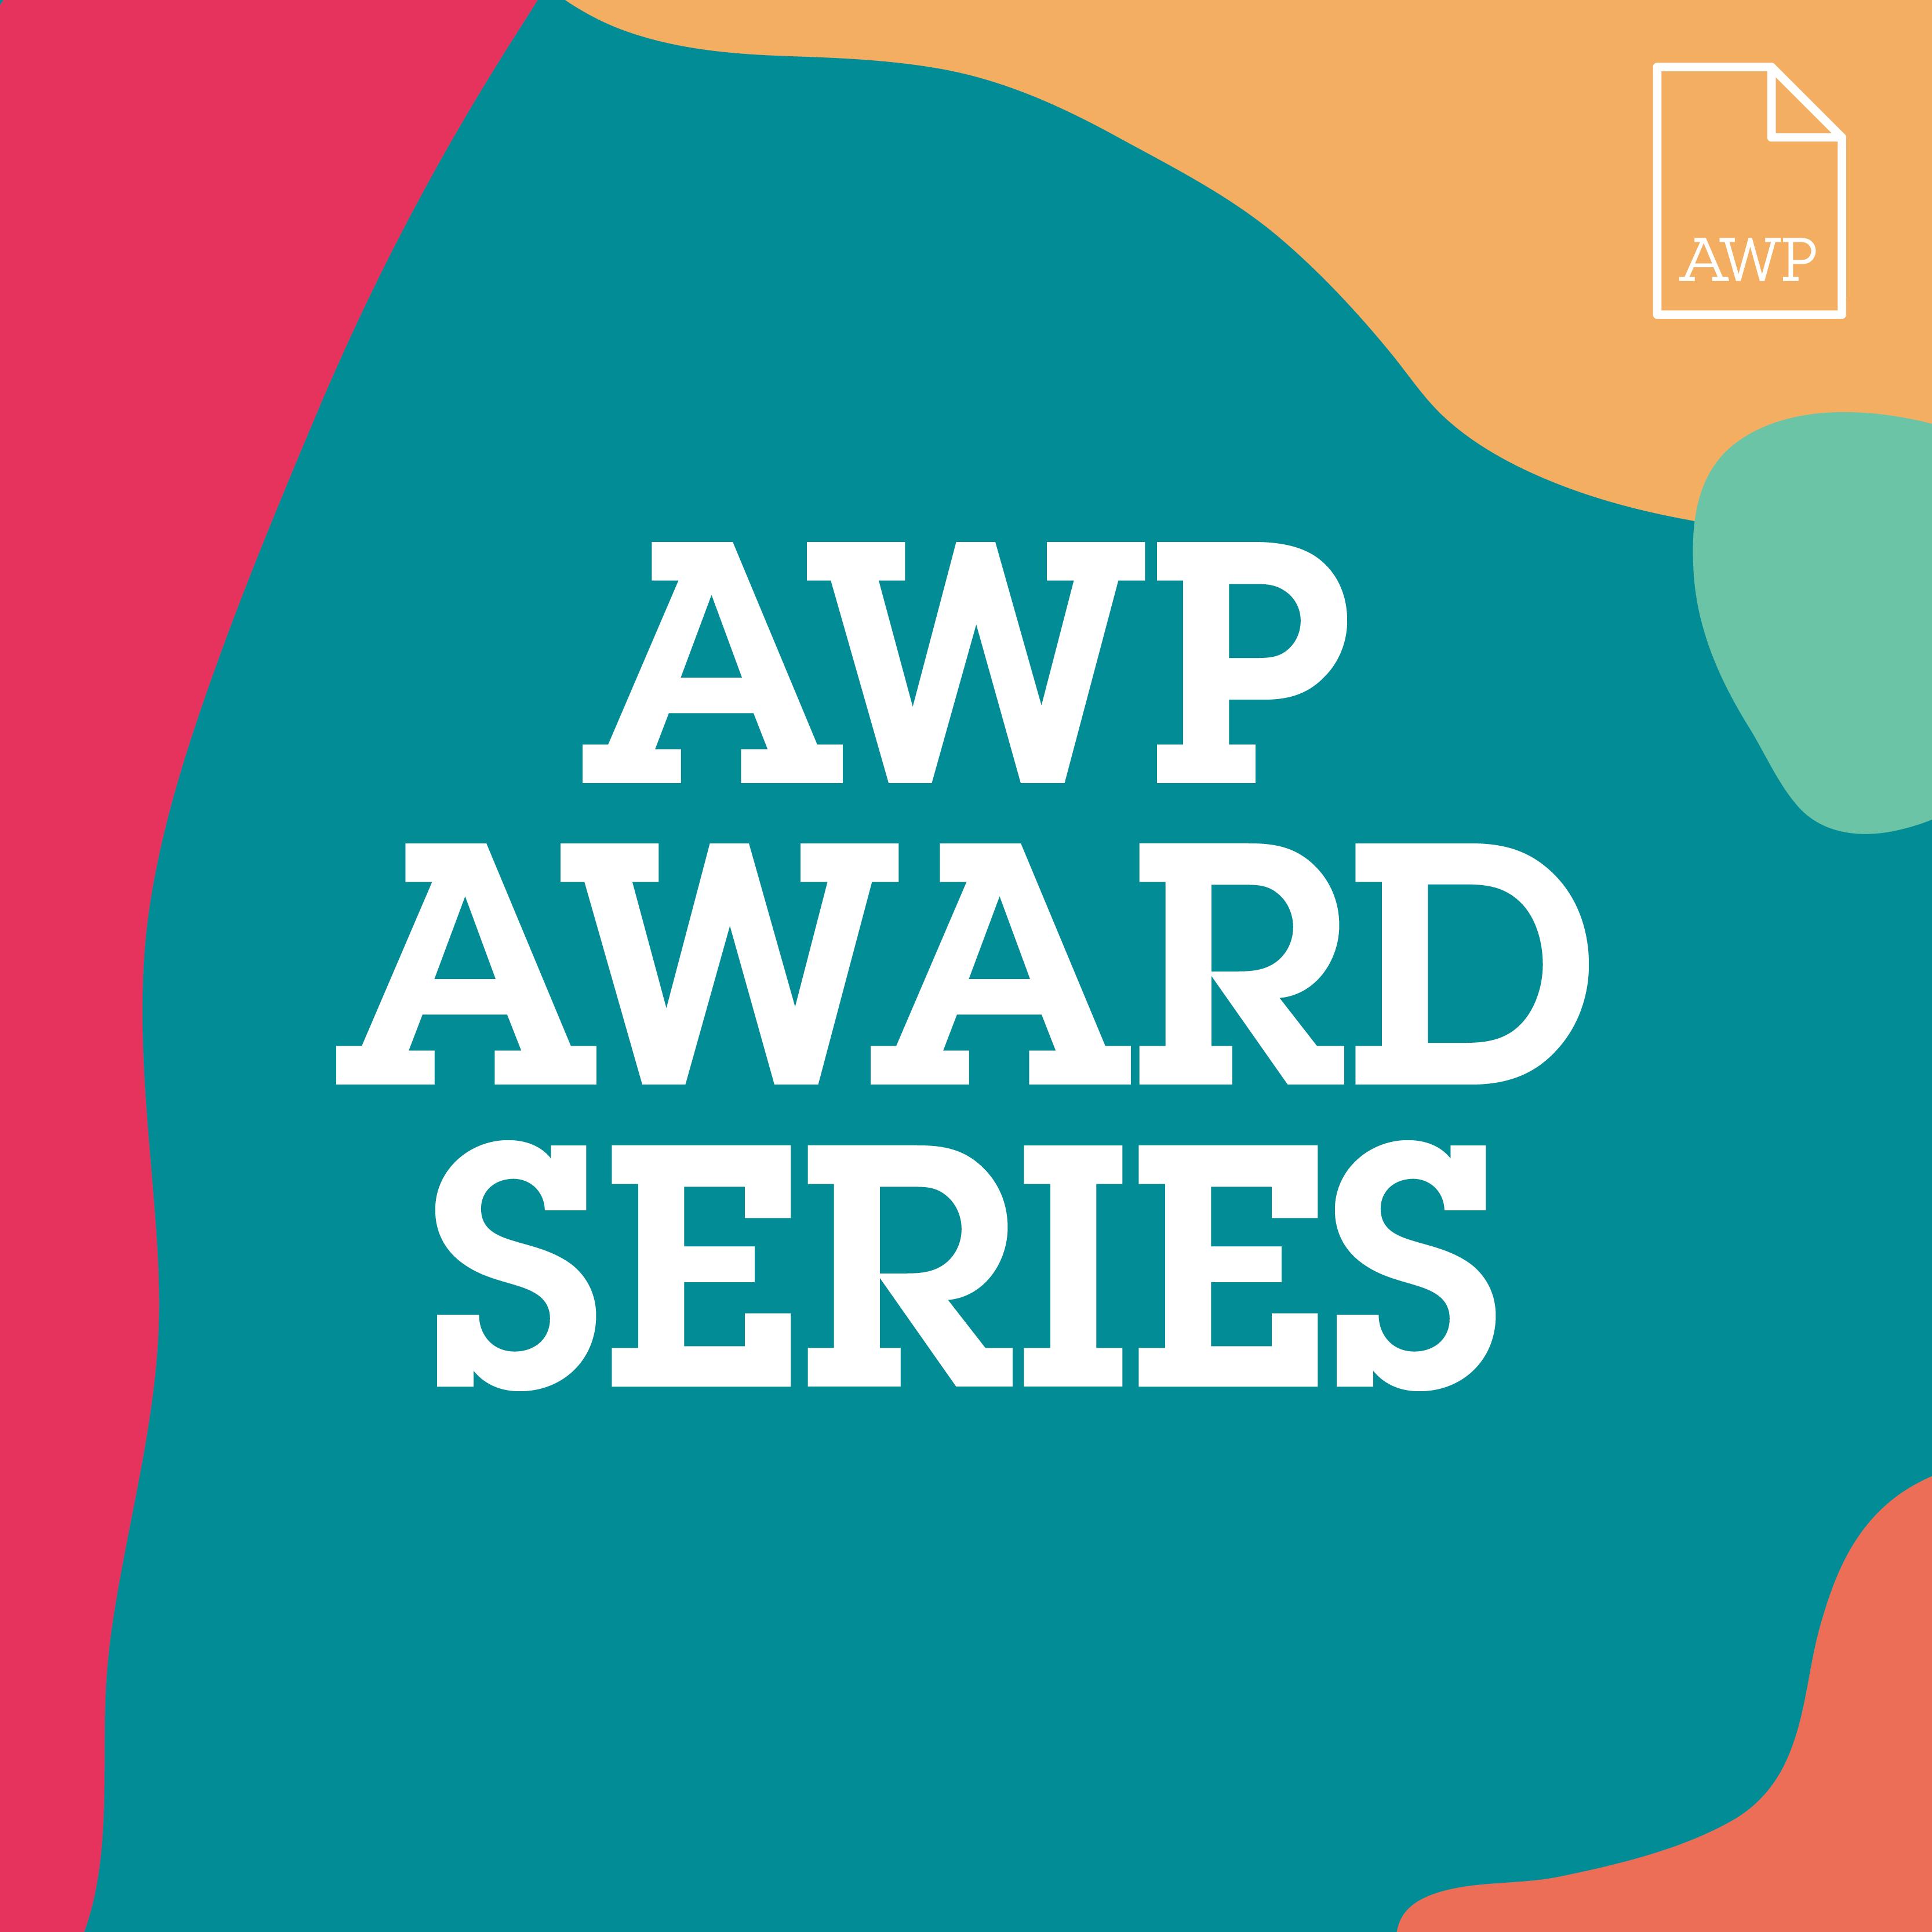 Image with AWP Award Series text